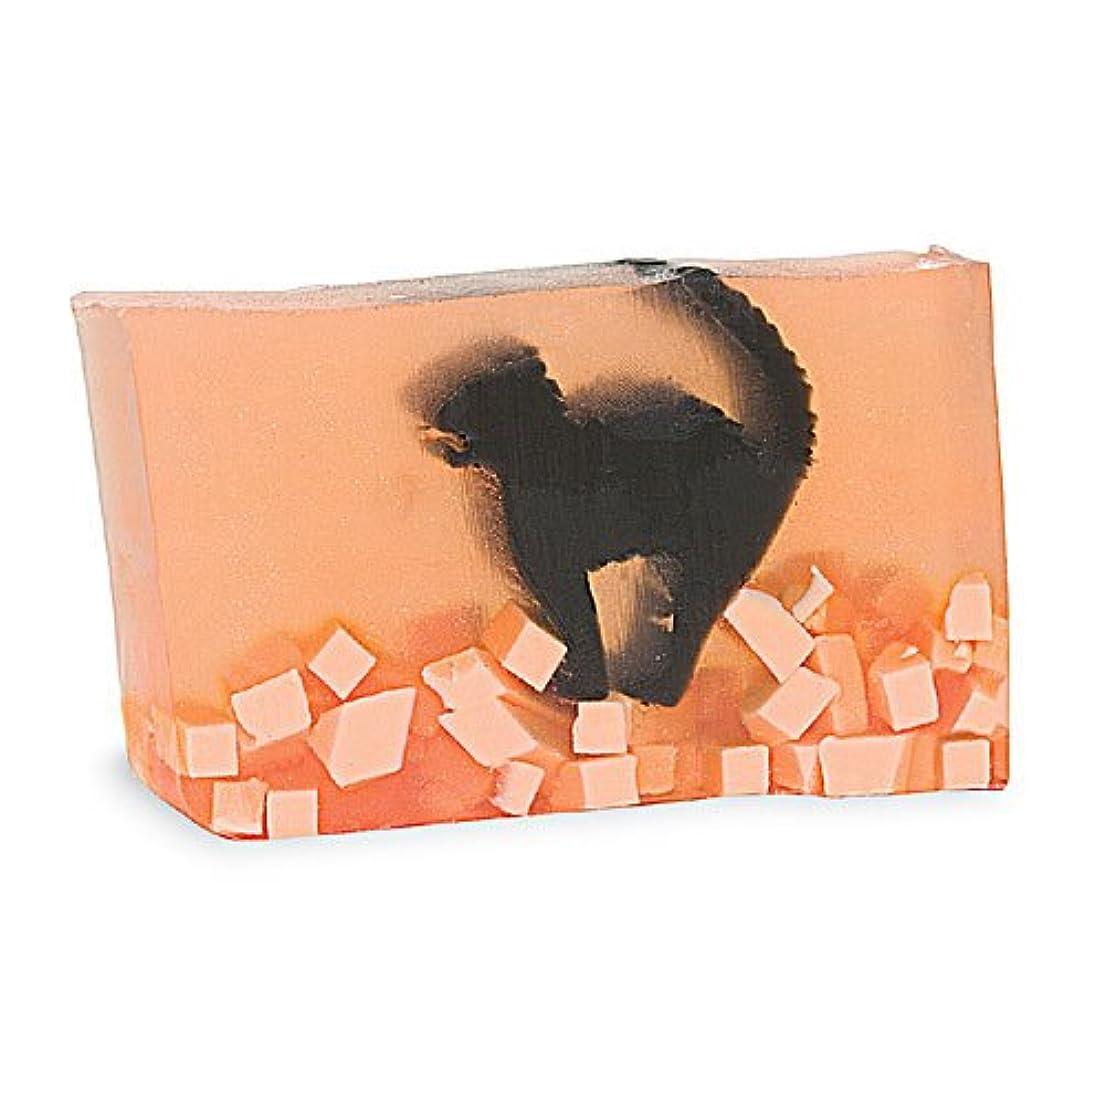 に変わるモートパシフィックプライモールエレメンツ アロマティック ソープ スケアディキャット 180g ハロウィンにおすすめ植物性のナチュラル石鹸